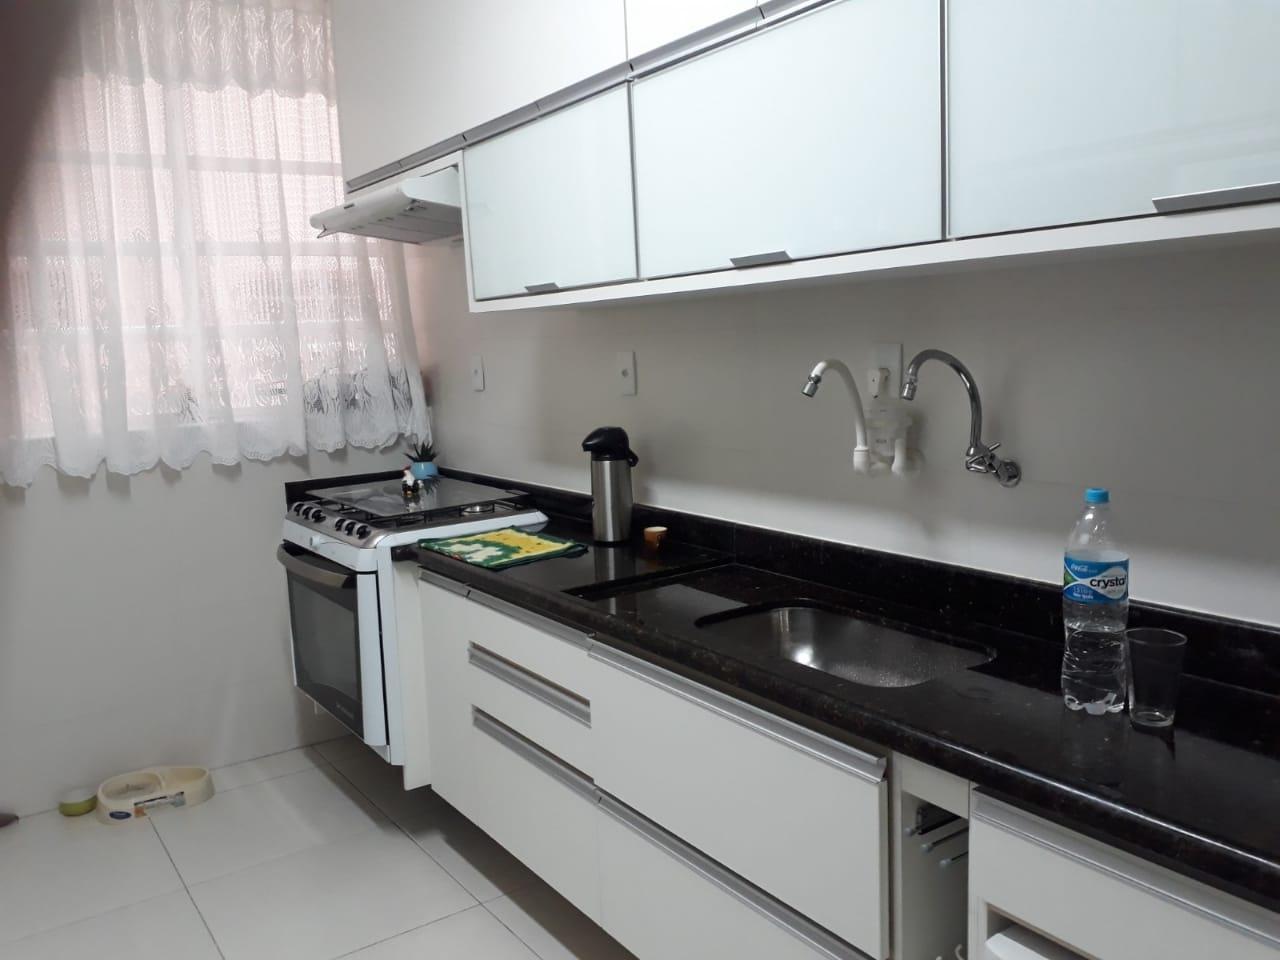 Boqueirão vendo apartamento 2 quartos sendo 1 suite dependência de empregada. - foto 7